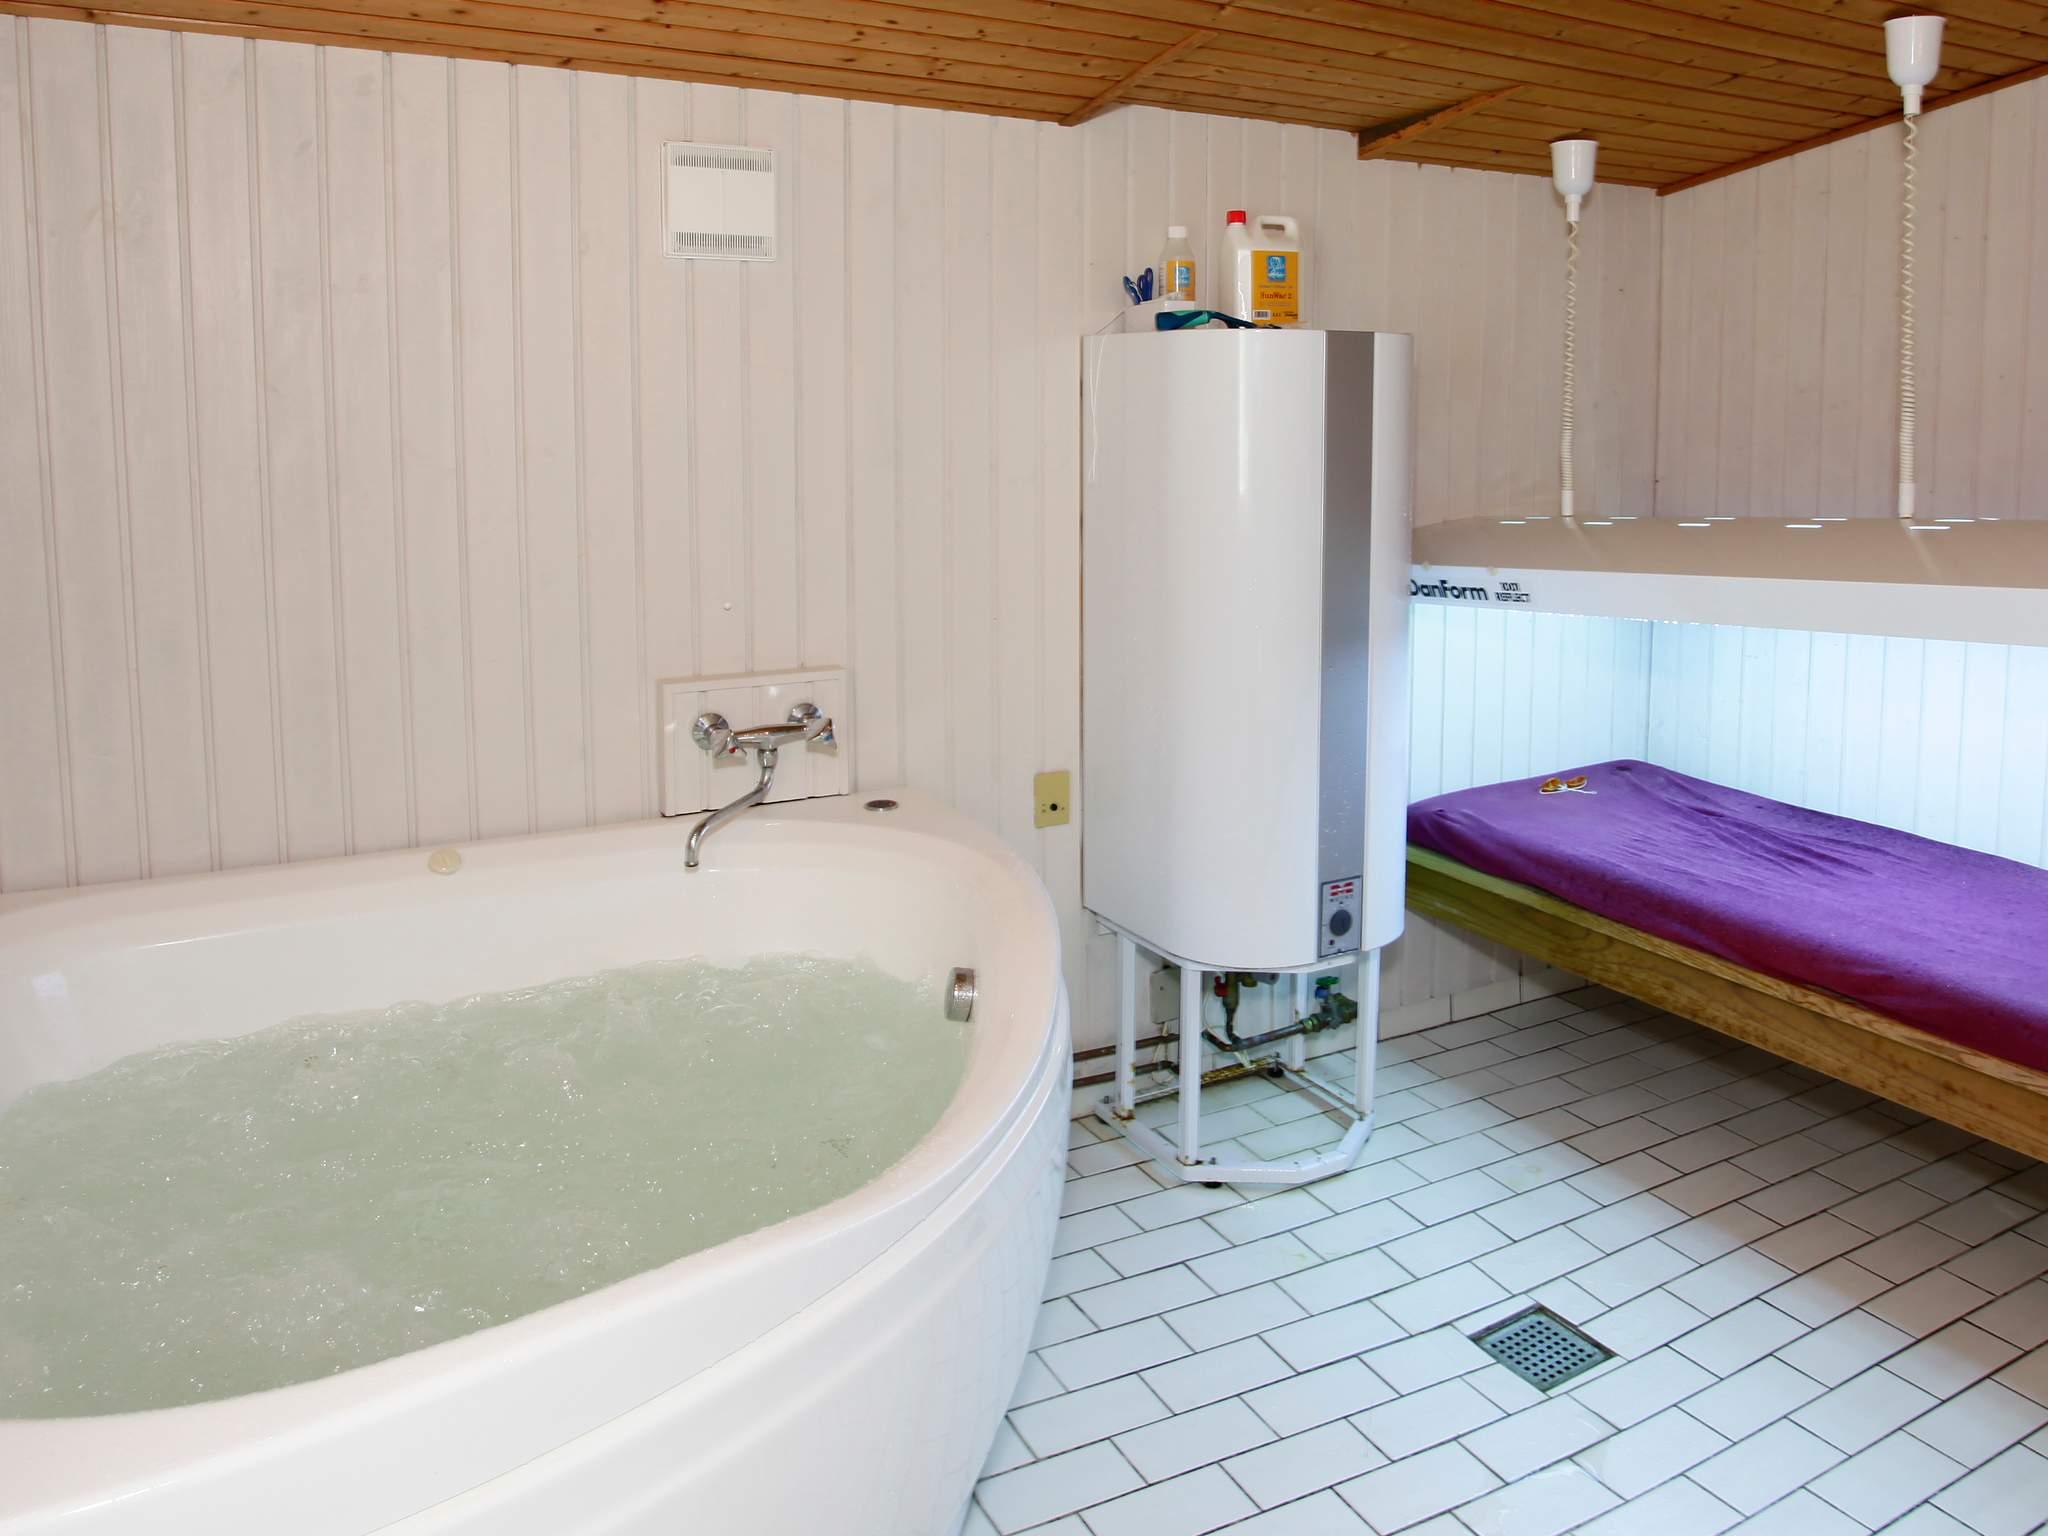 Ferienhaus Hummingen (81995), Hummingen, , Lolland, Dänemark, Bild 16